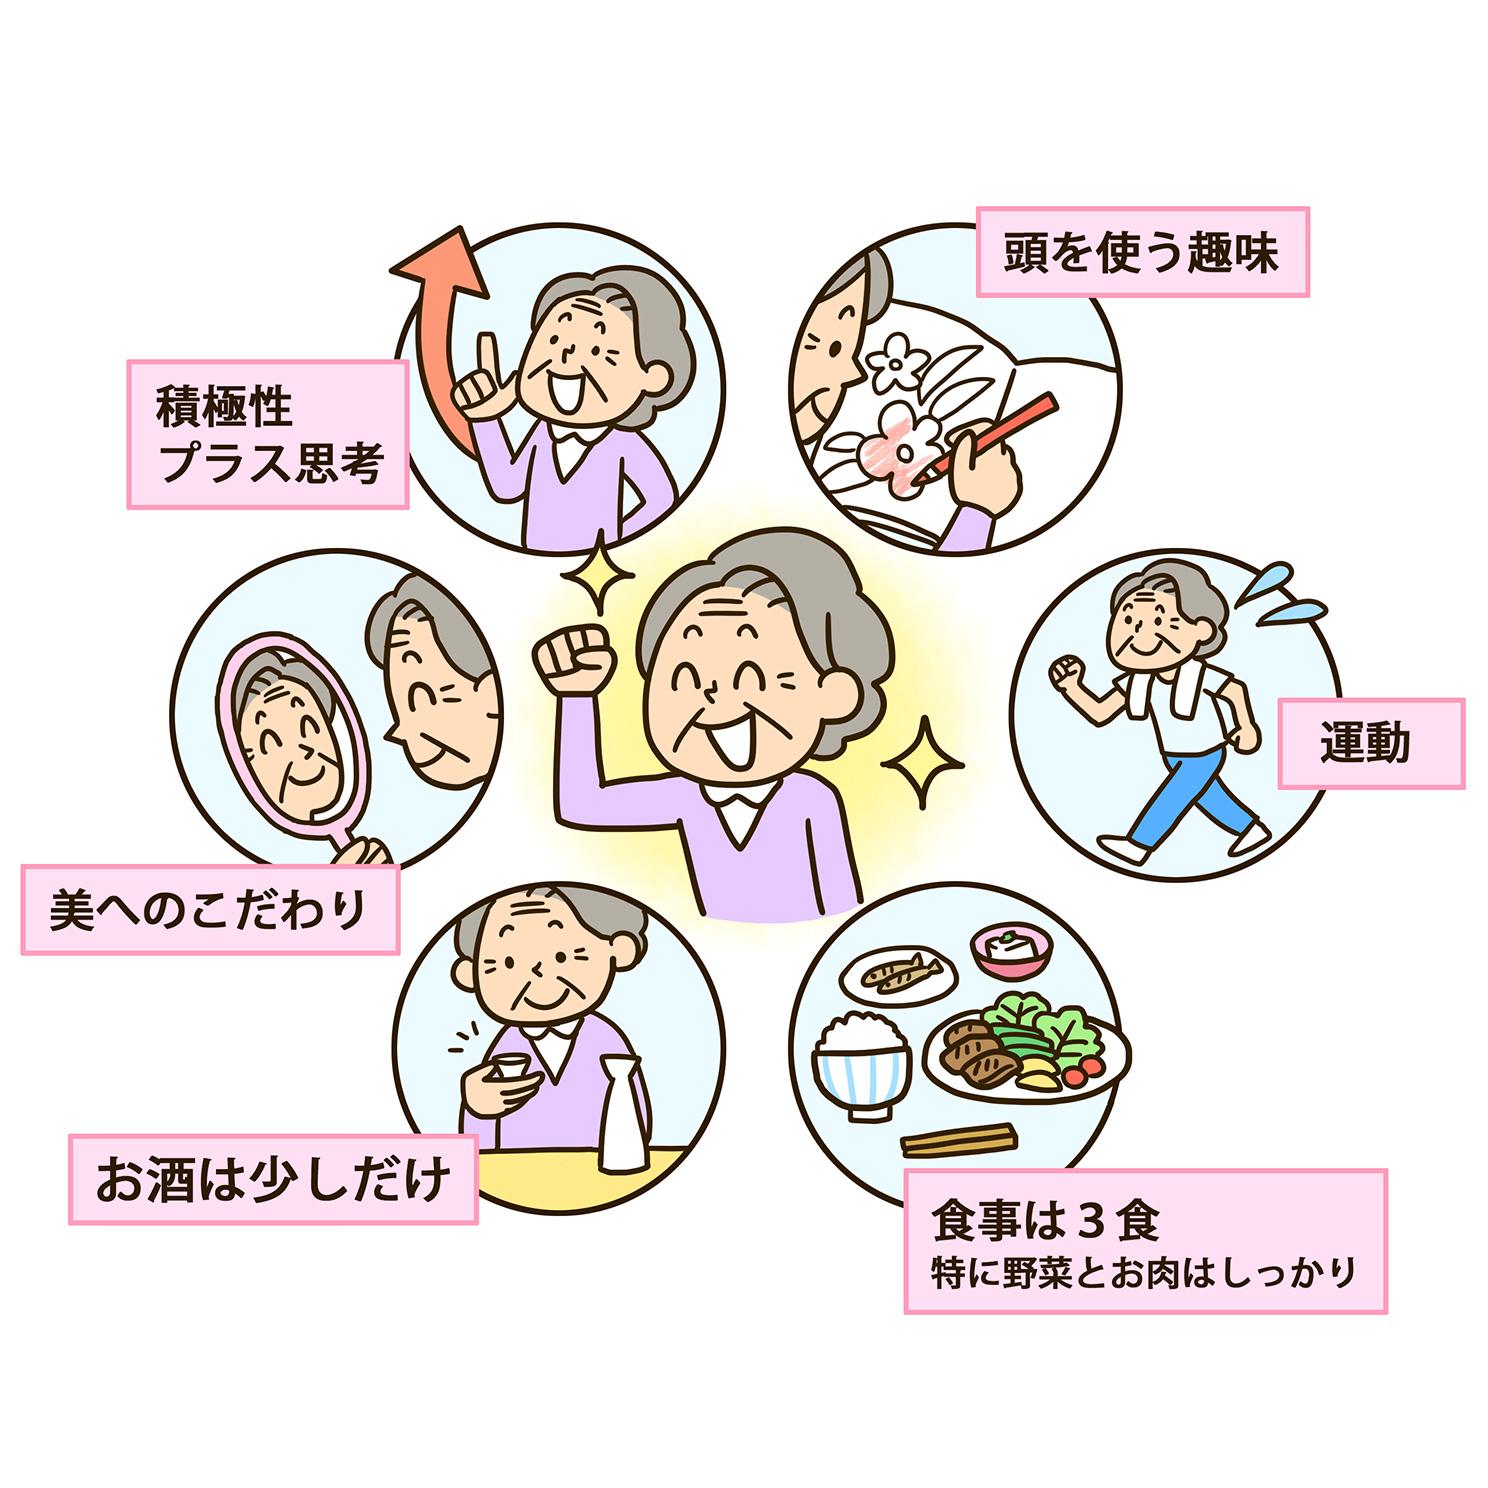 百寿者の習慣